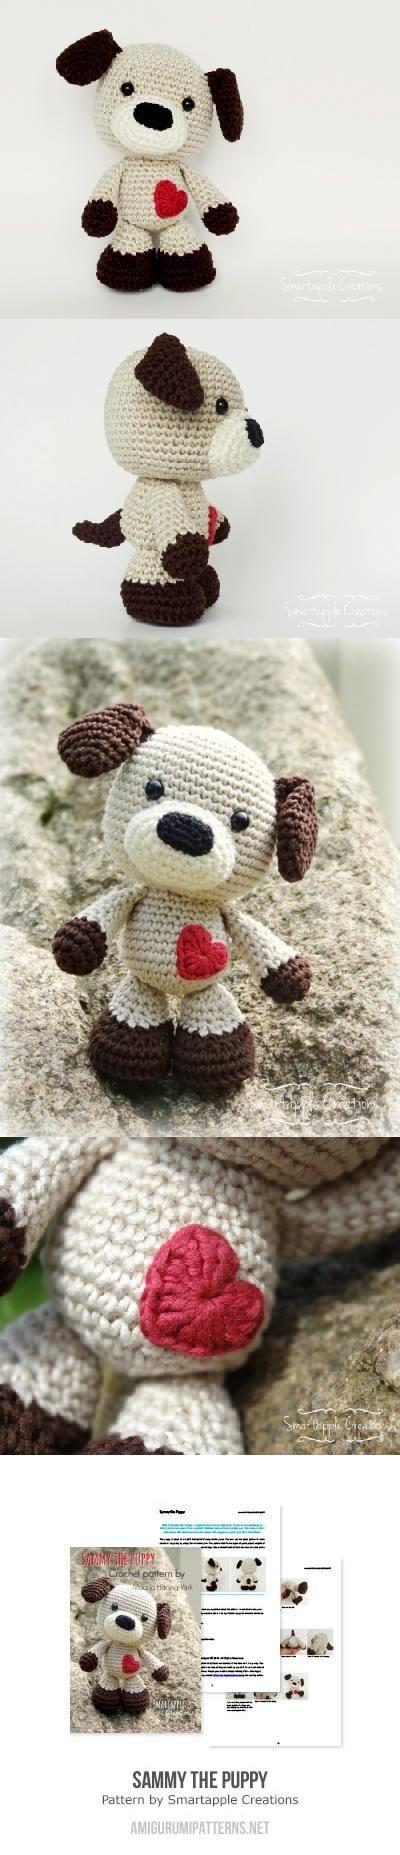 Sammy the Puppy amigurumi pattern by Smartapple Creations ...